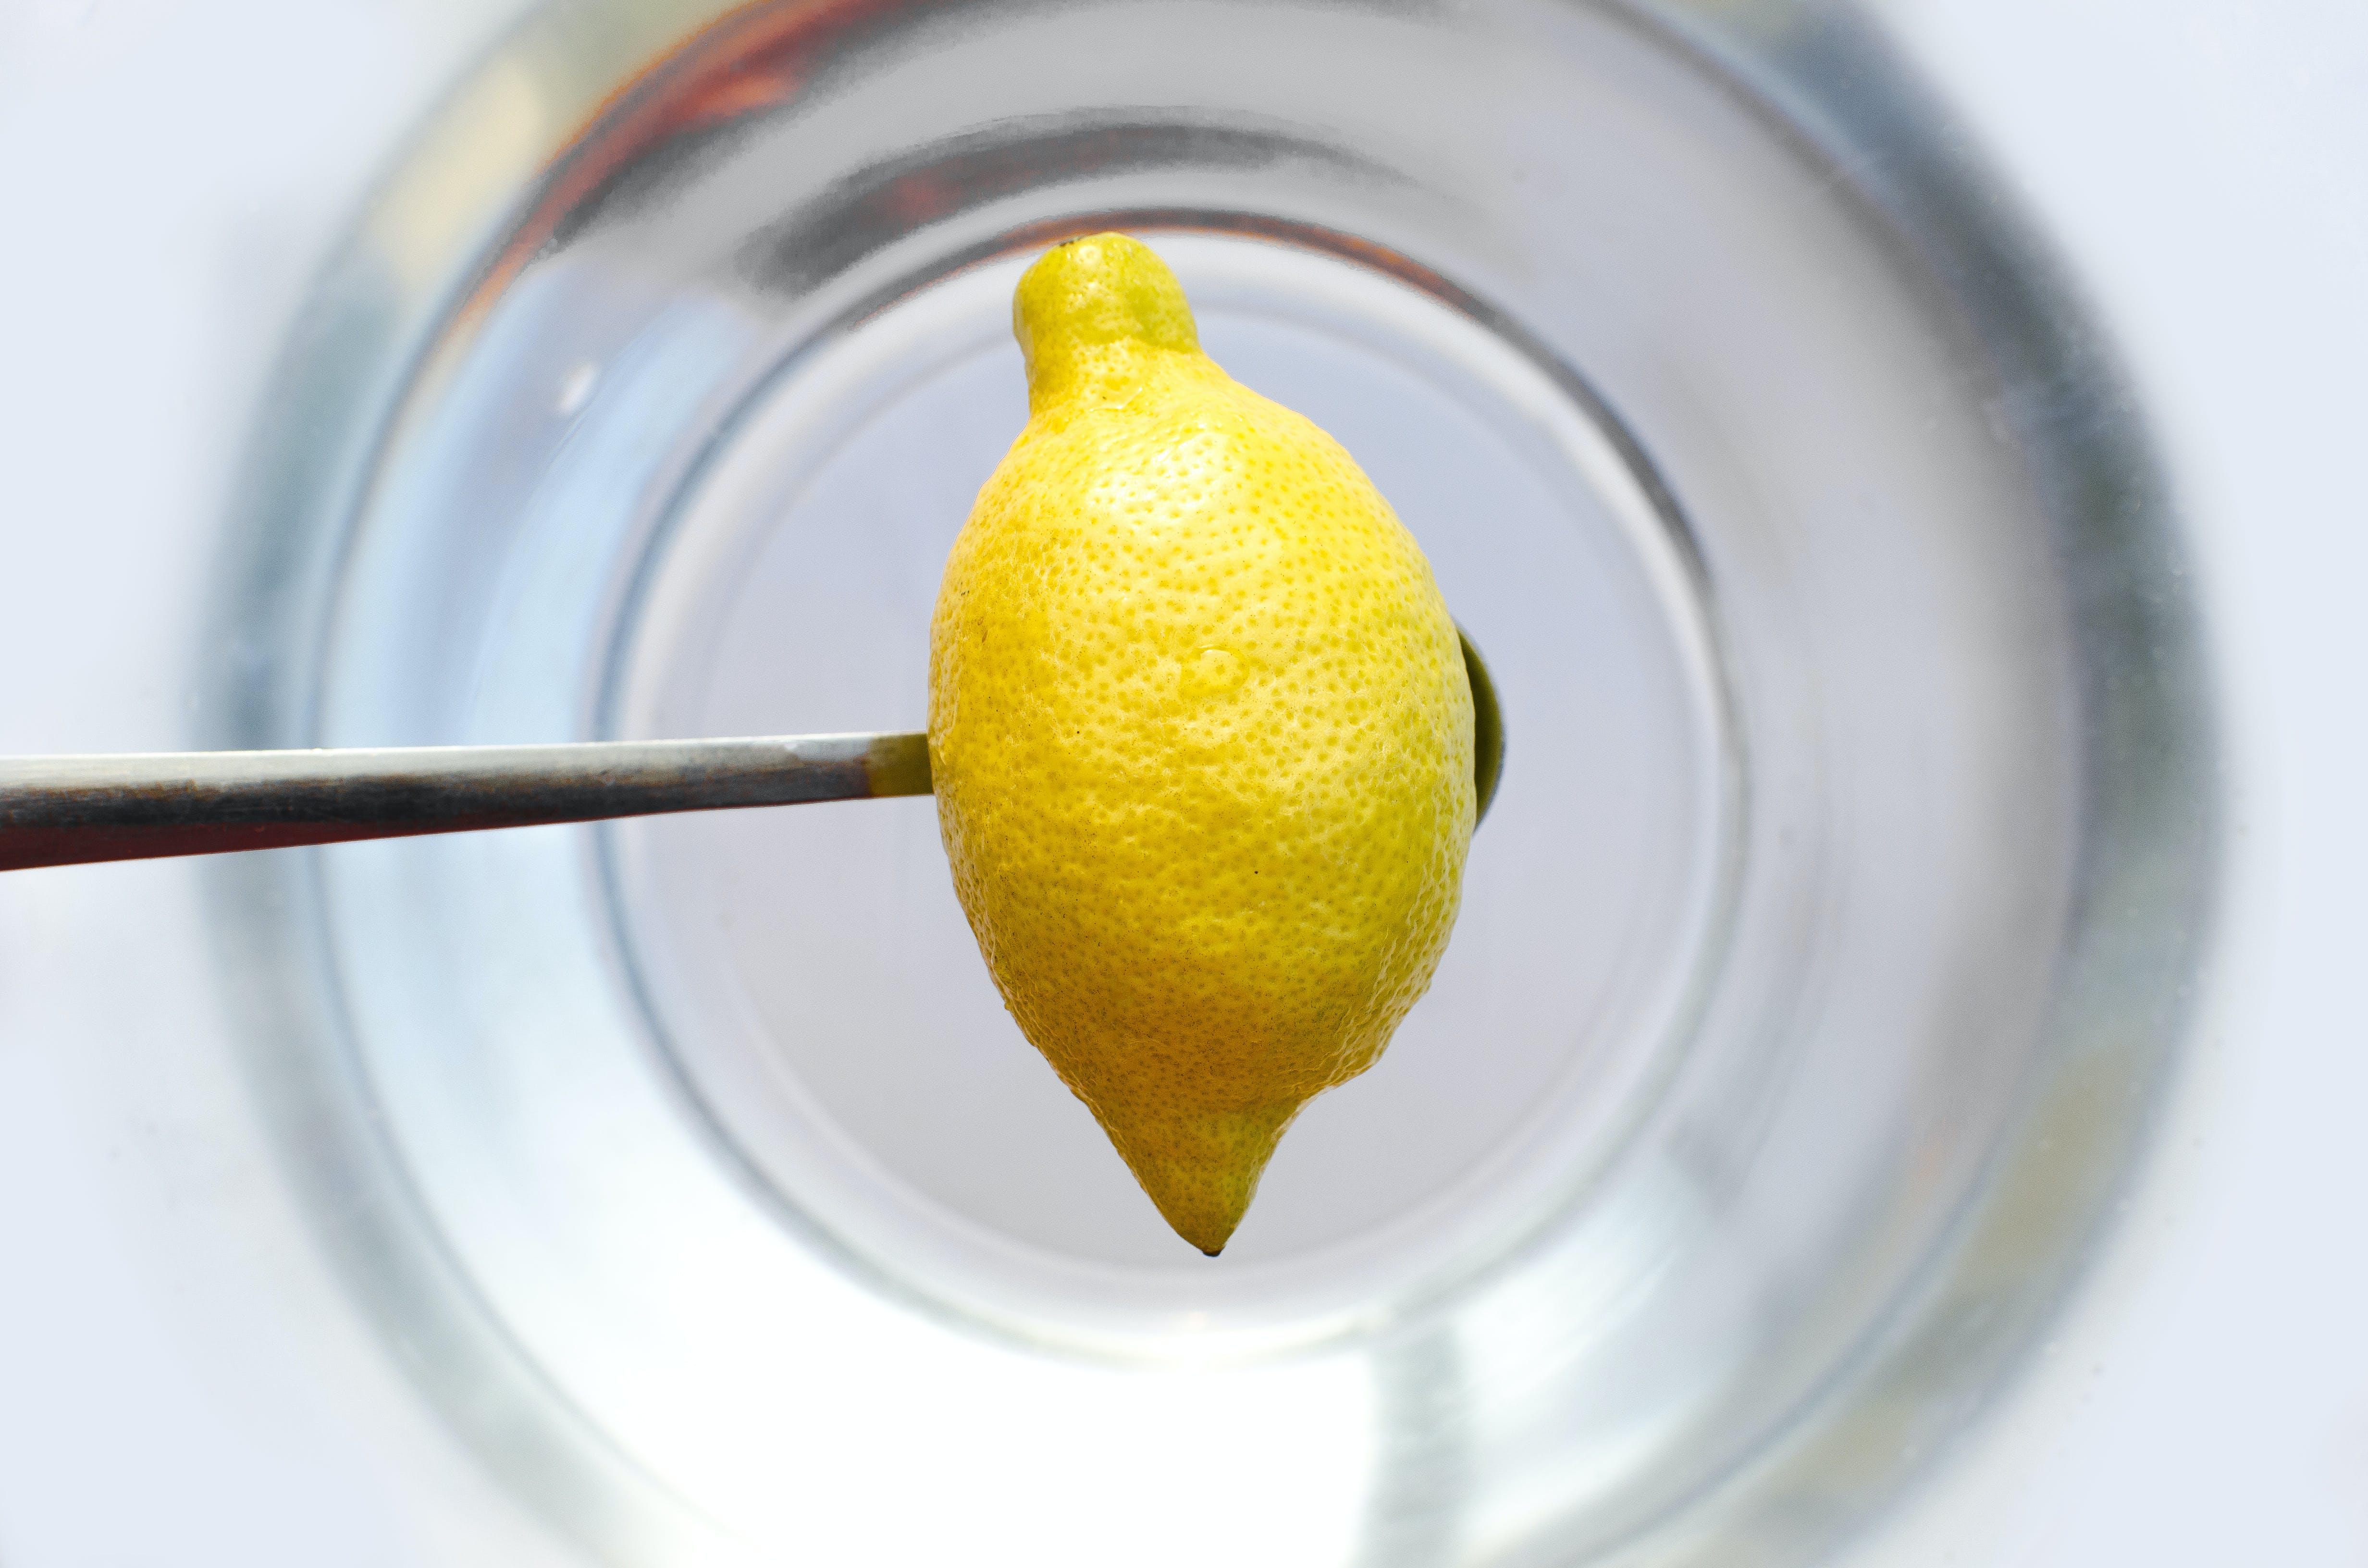 Yellow Citrus on Spoon